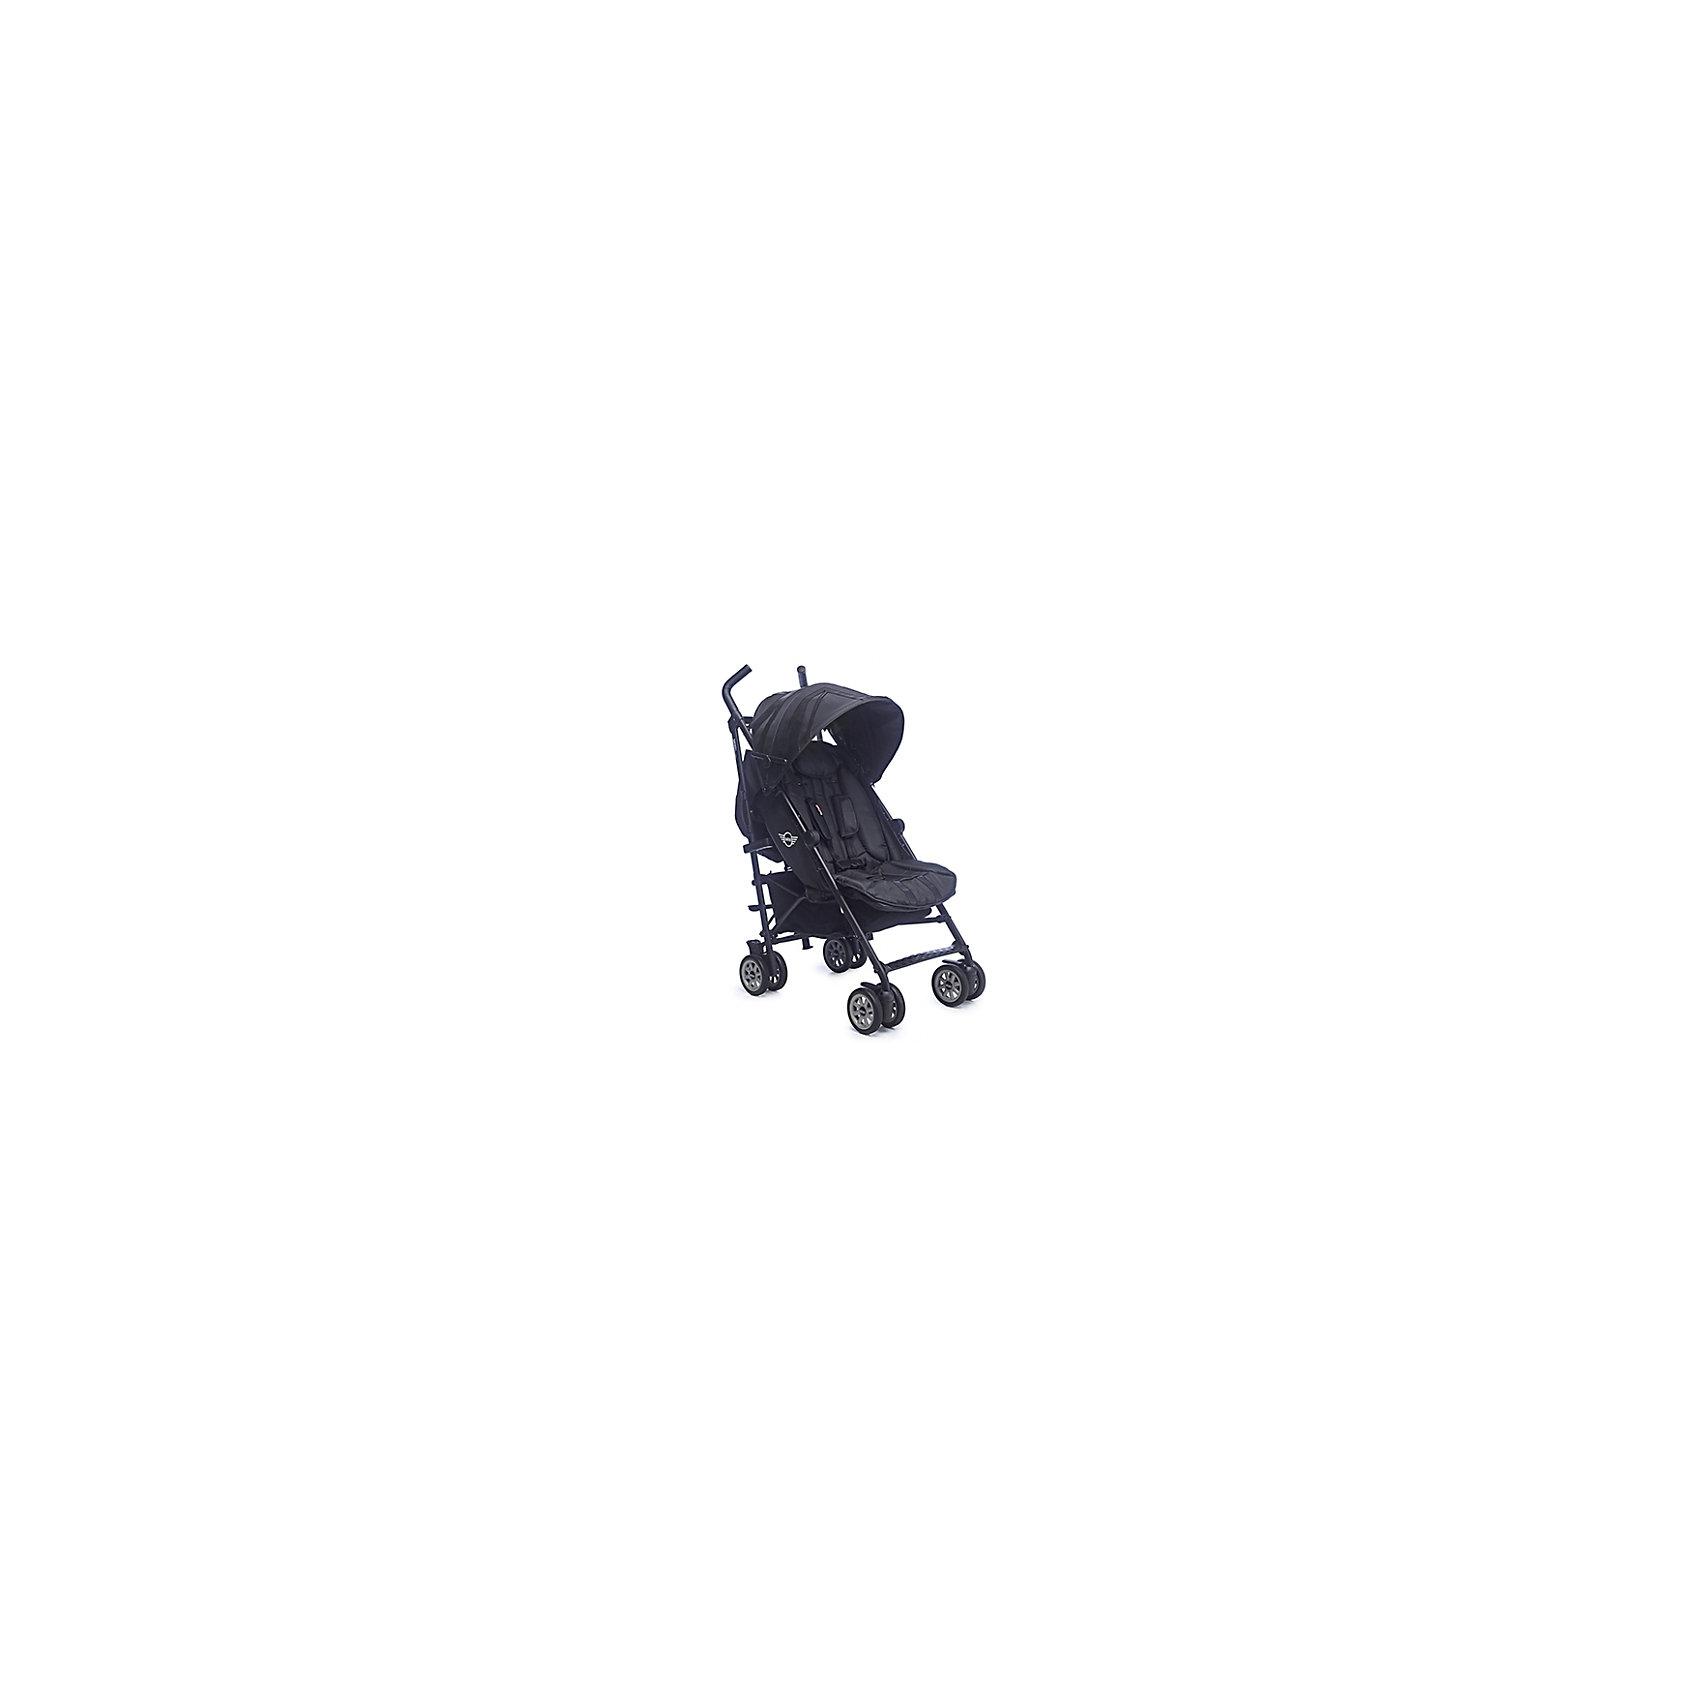 Коляска-трость Easywalker MINI Midnight Jack, blackКоляски-трости<br>Характеристики:<br><br>• спинка коляски регулируется в 4-х положениях;<br>• угол наклона спинки 170 градусов;<br>• подножка регулируется и удлиняет спальное место;<br>• 5-ти точечные ремни безопасности, регулируются по длине и высоте;<br>• можно установить защитный бампер с мягкой накладкой – бампер приобретается отдельно;<br>• капюшон глубокий, оснащен дополнительной секцией;<br>• кожаная отделка ручек коляски;<br>• корзина для покупок выдерживает нагрузку до 5 кг;<br>• сдвоенные колеса коляски;<br>• амортизация передних и задних колес;<br>• ножной тормоз;<br>• механизм складывания: трость;<br>• плечевой ремешок для переноски коляски в сложенном виде на плече.<br><br>Размеры:<br><br>• размер коляски: 76х48х103 см;<br>• размер коляски в сложенном виде: 100х48х24 см;<br>• ширина сиденья: 35 см;<br>• глубина сиденья: 20 см;<br>• высота спинки: 50 см;<br>• длина подножки: 15 см;<br>• диаметр колес: 12,7 см;<br>• вес коляски: 6,5 кг.<br><br>Легкая коляска-трость с регулируемой спинкой и подножкой сочетает в себе качества хорошей прогулки и коляски для путешествий. Глубокий капюшон с раскрывающейся секцией опускается достаточно низко, защищает ребенка даже с учетом разложенной спинки. Плечевой ремешок позволяет нести коляску на плече, освобождая при этом руки мамы для того, чтобы взять малыша и сумки. В комплекте прозрачный дождевик. <br><br>Коляску-трость MINI Midnight Jack, Easywalker, black можно купить в нашем интернет-магазине.<br><br>Ширина мм: 1020<br>Глубина мм: 230<br>Высота мм: 280<br>Вес г: 9140<br>Возраст от месяцев: 0<br>Возраст до месяцев: 48<br>Пол: Унисекс<br>Возраст: Детский<br>SKU: 5613101